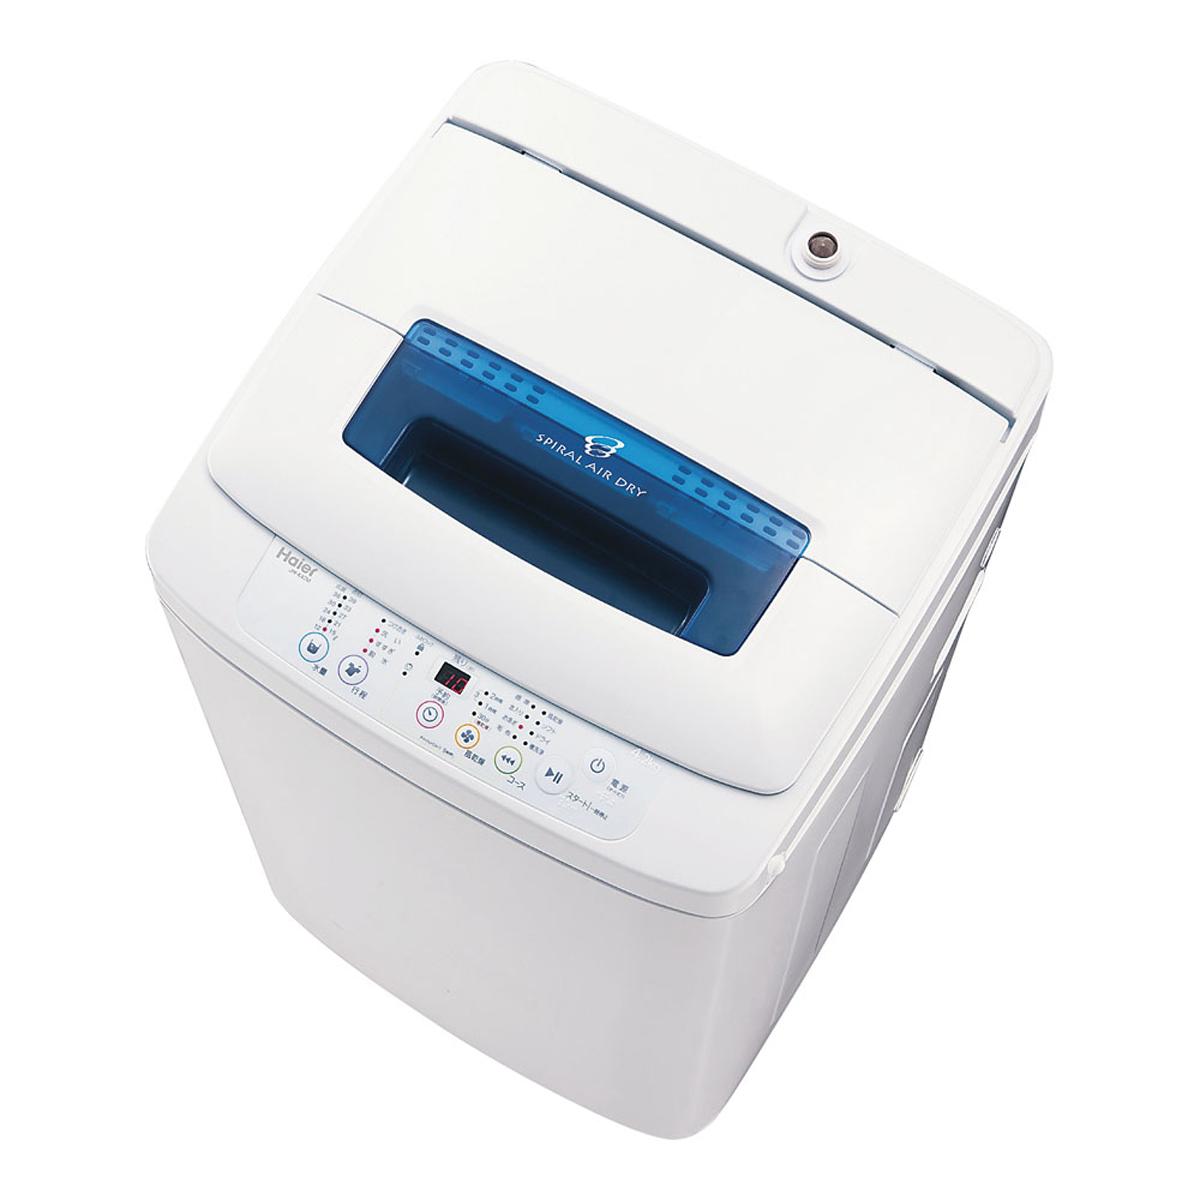 ハイアール 4.2kg 全自動洗濯機 JW-K42M(W) 【厨房用品 清掃用品 ふきん タオル 洗濯機 業務用 販売 通販】 [7-1252-0201 6-1194-0201 ]